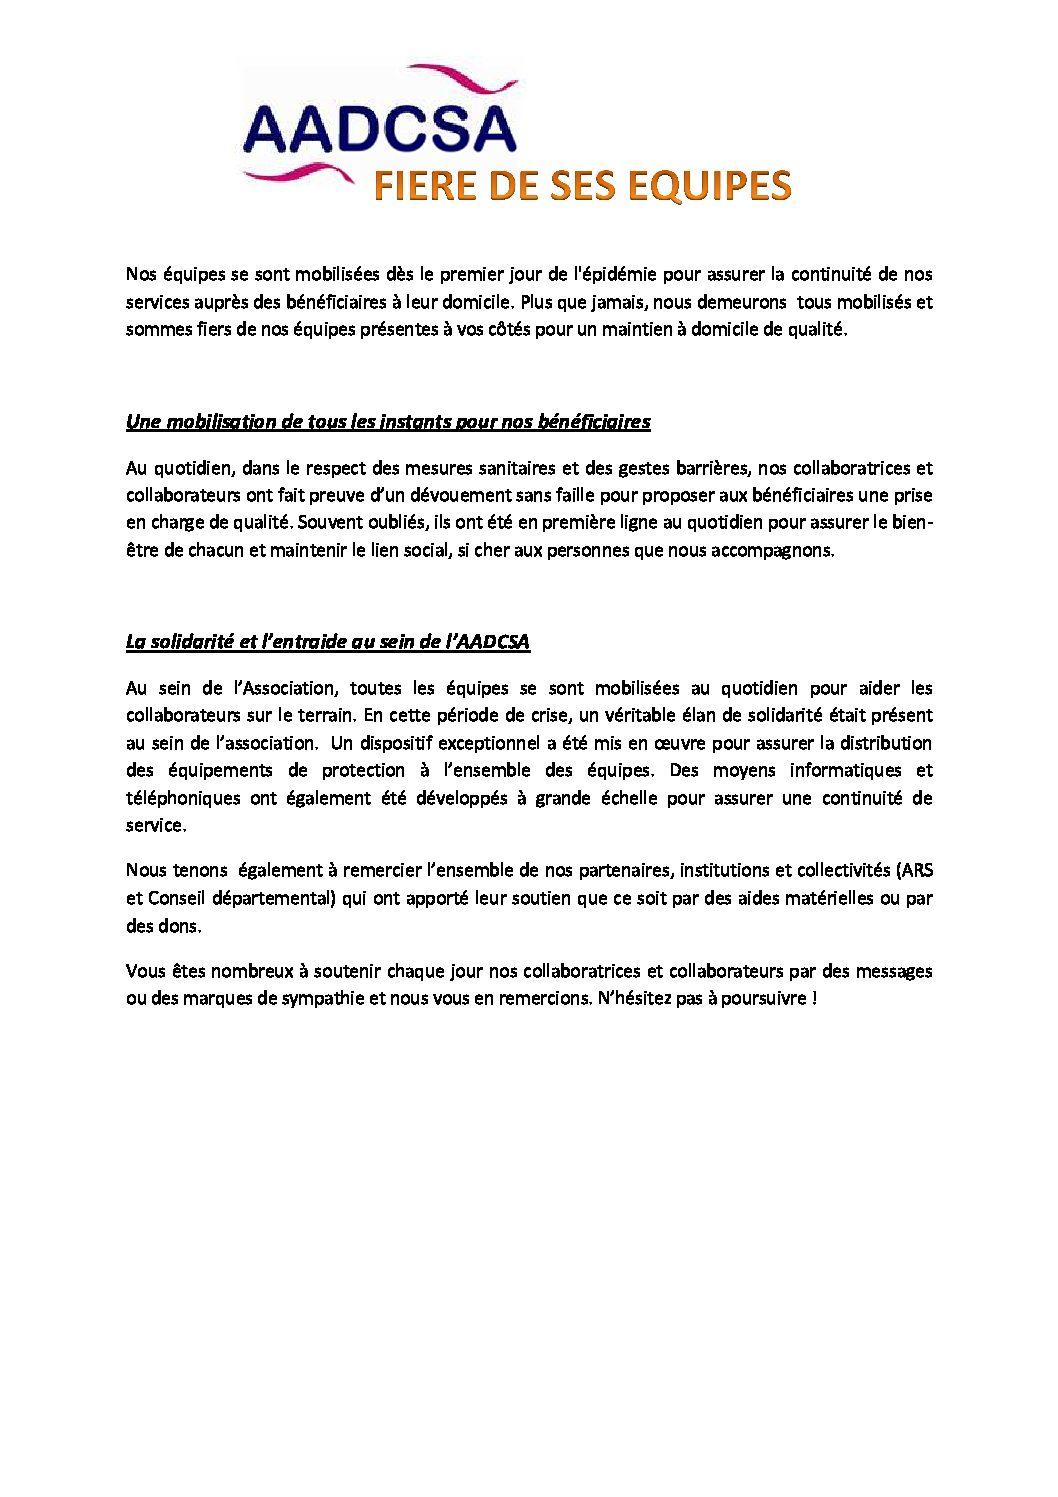 Service de Soins Infirmiers à Domicile - Aadcsa